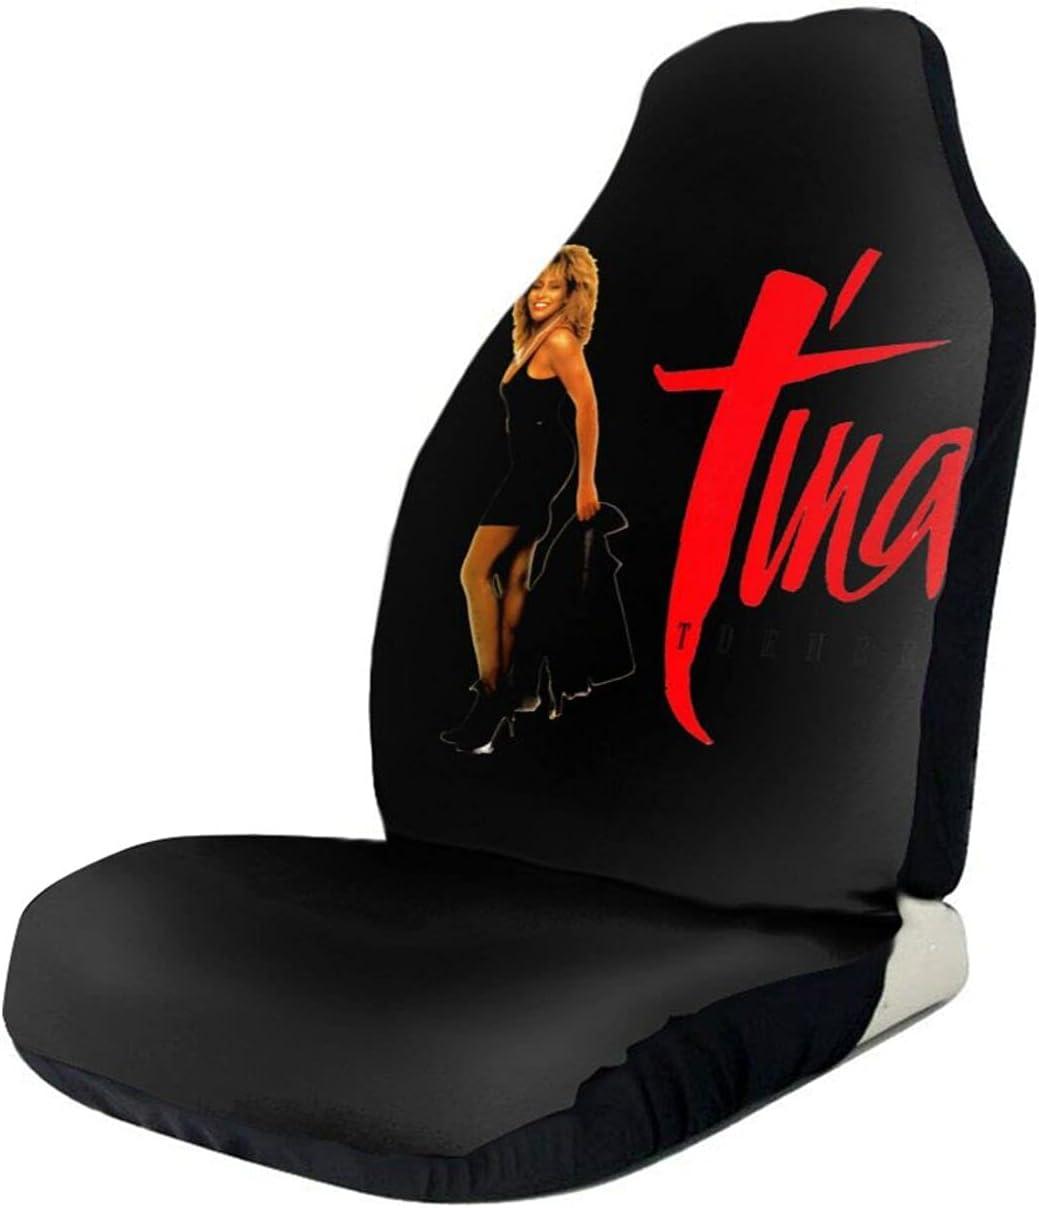 CHENYAMAY Tina Turner Max Max 62% OFF 67% OFF Comfortable and C Seat Car Cushion Stylish